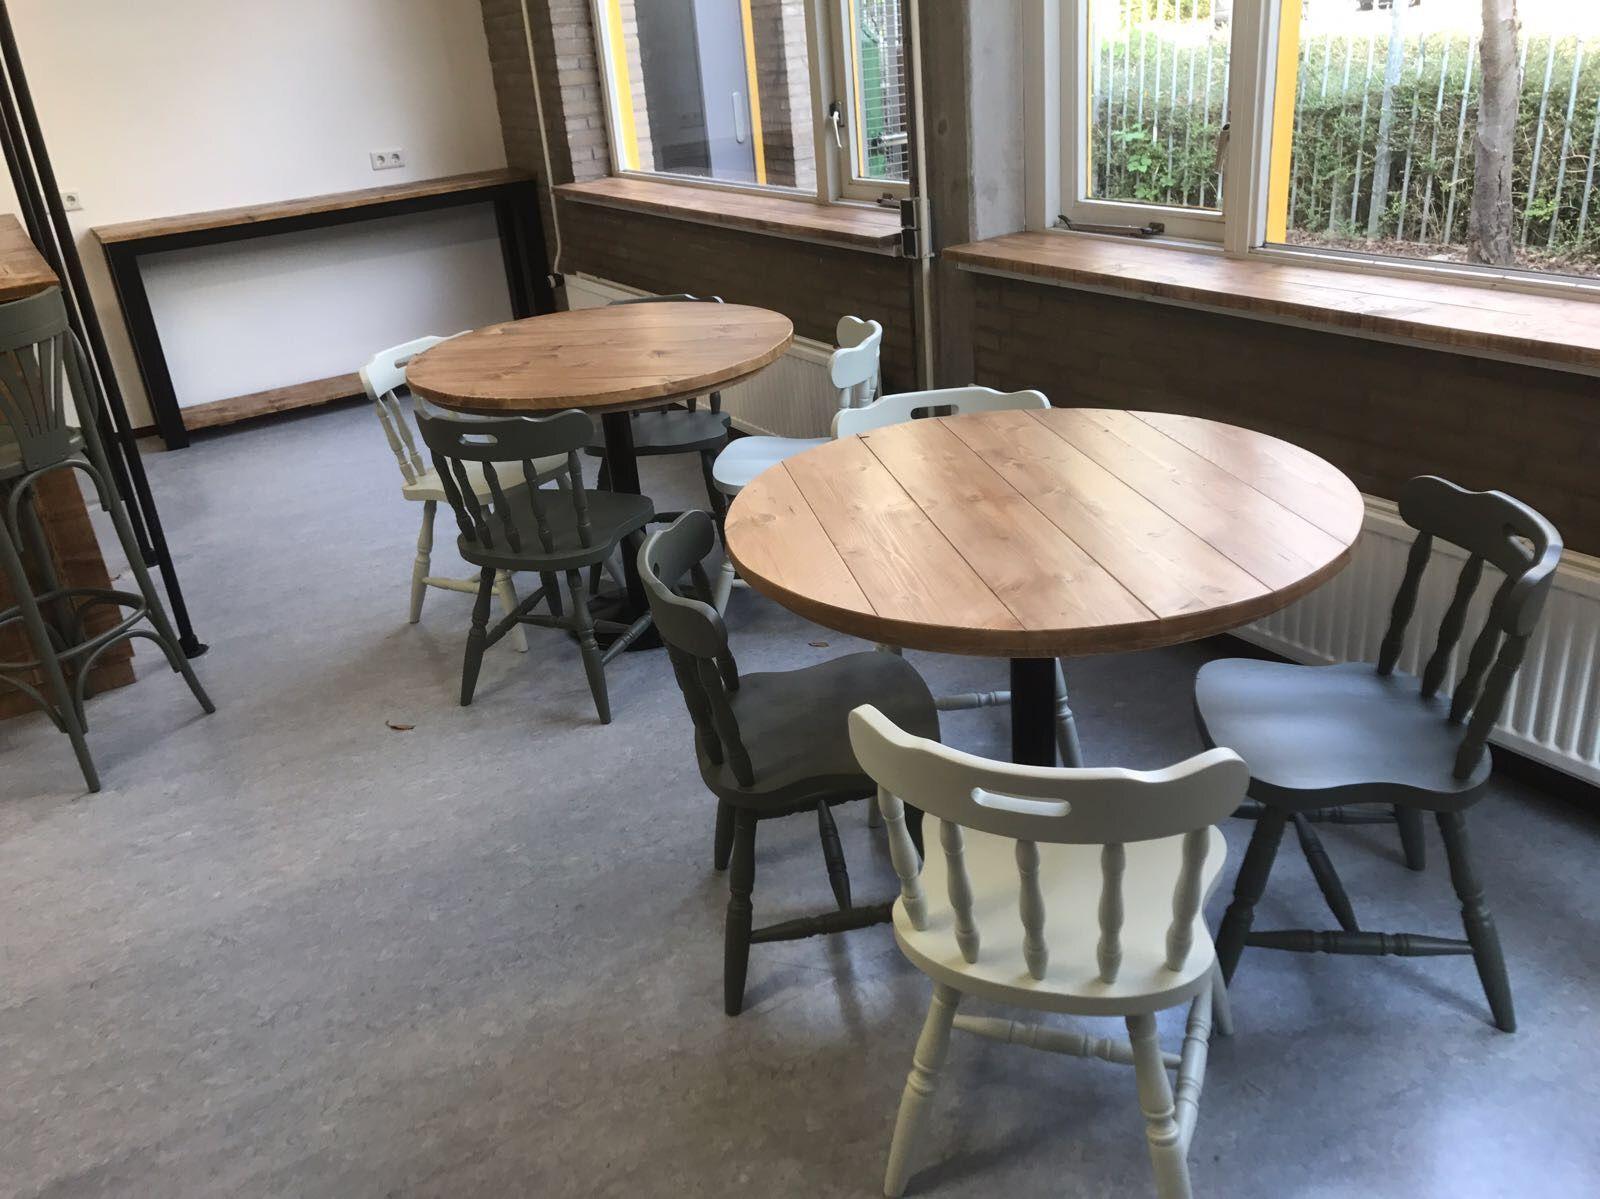 Ronde Tafel Steigerhout : Ronde tafel steigerhout en zwart metalen voet. tafels oud is